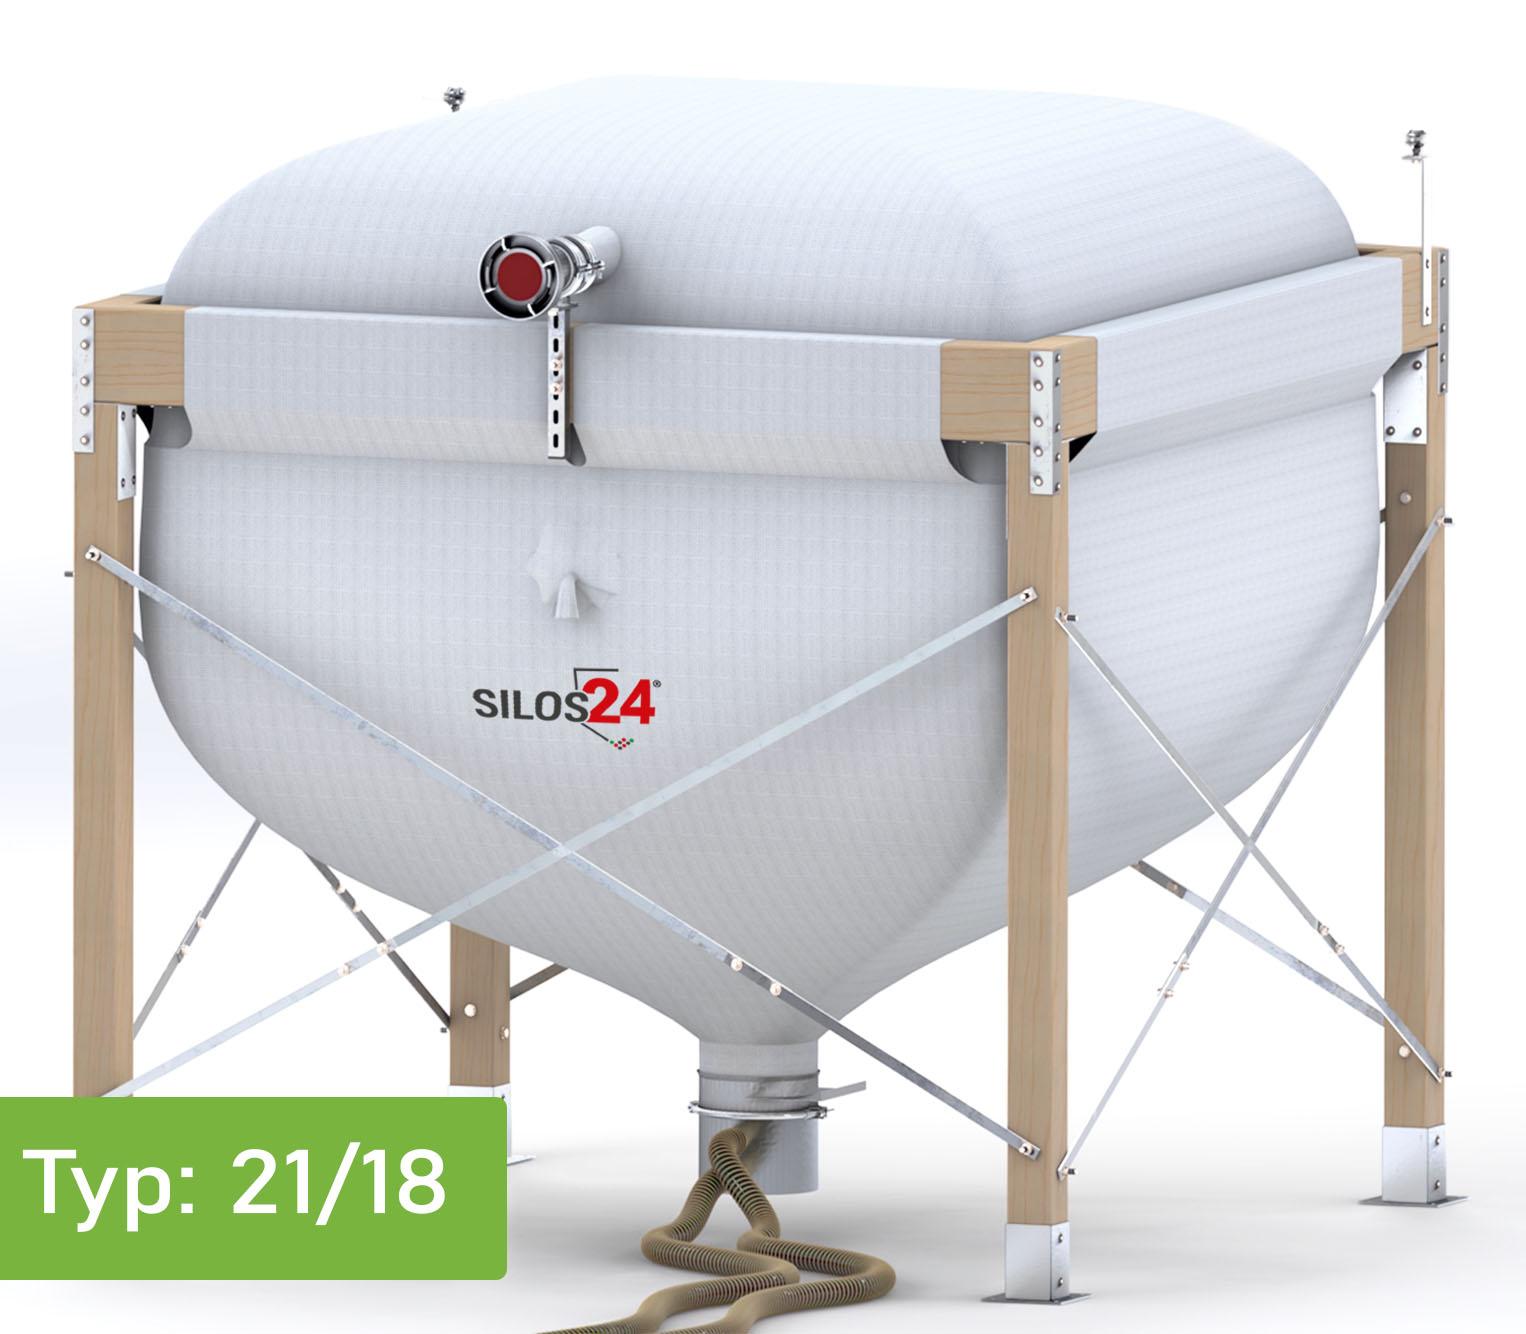 [Paket] Eco-Silo 2118 inkl. Absaugtopf, 50 m Schlauch NW 50/50 & Befestigungsschellen